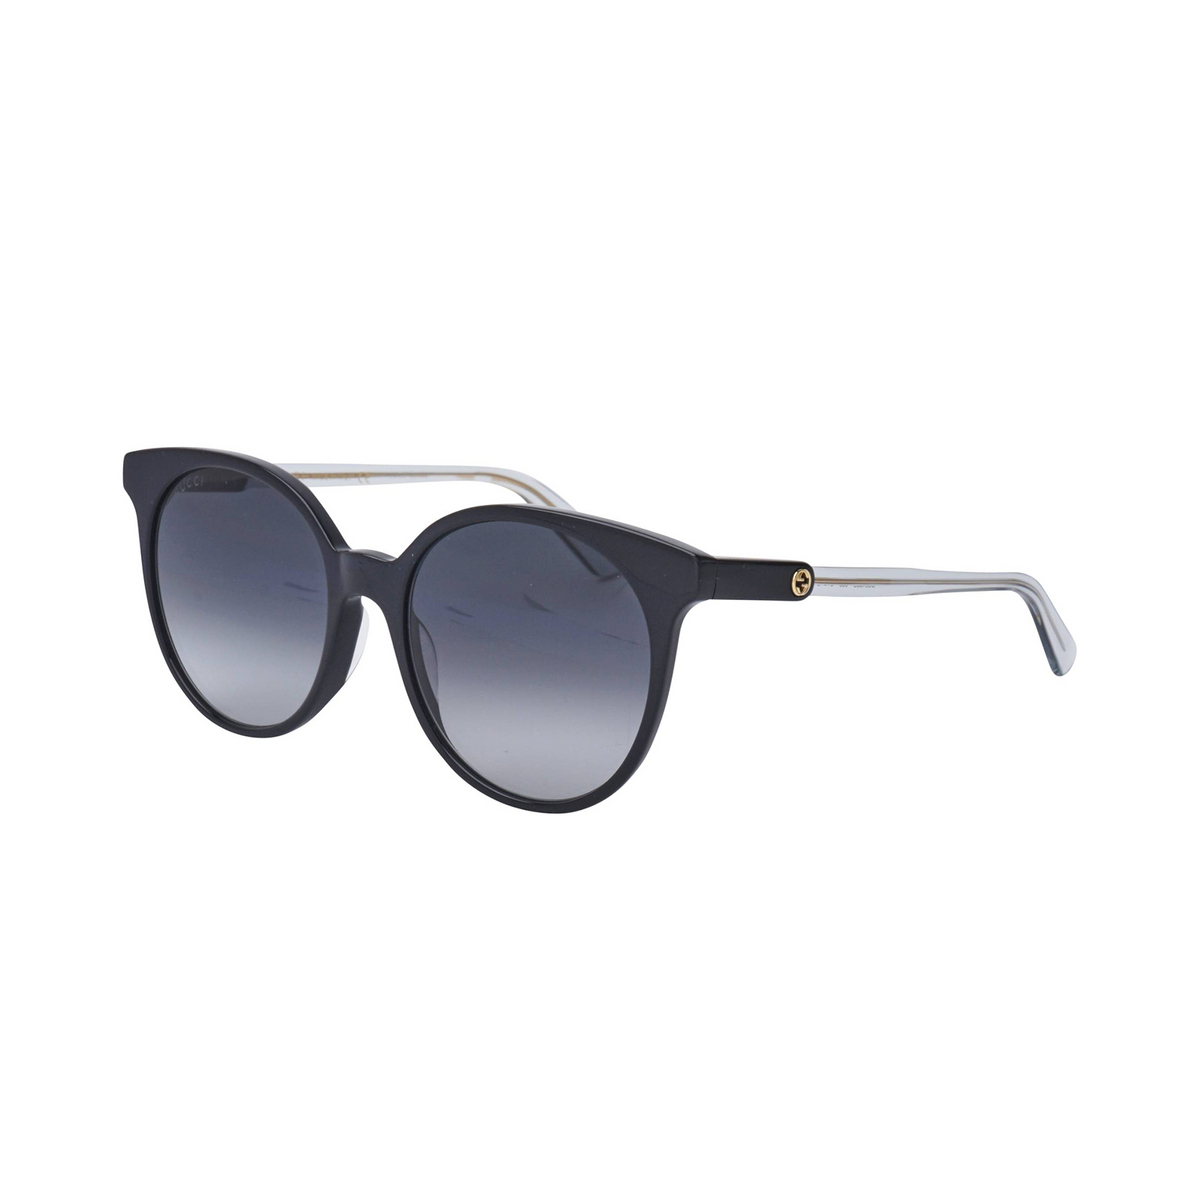 Gucci® Cat-eye Sunglasses: GG0488S color Black 005 - 2/3.